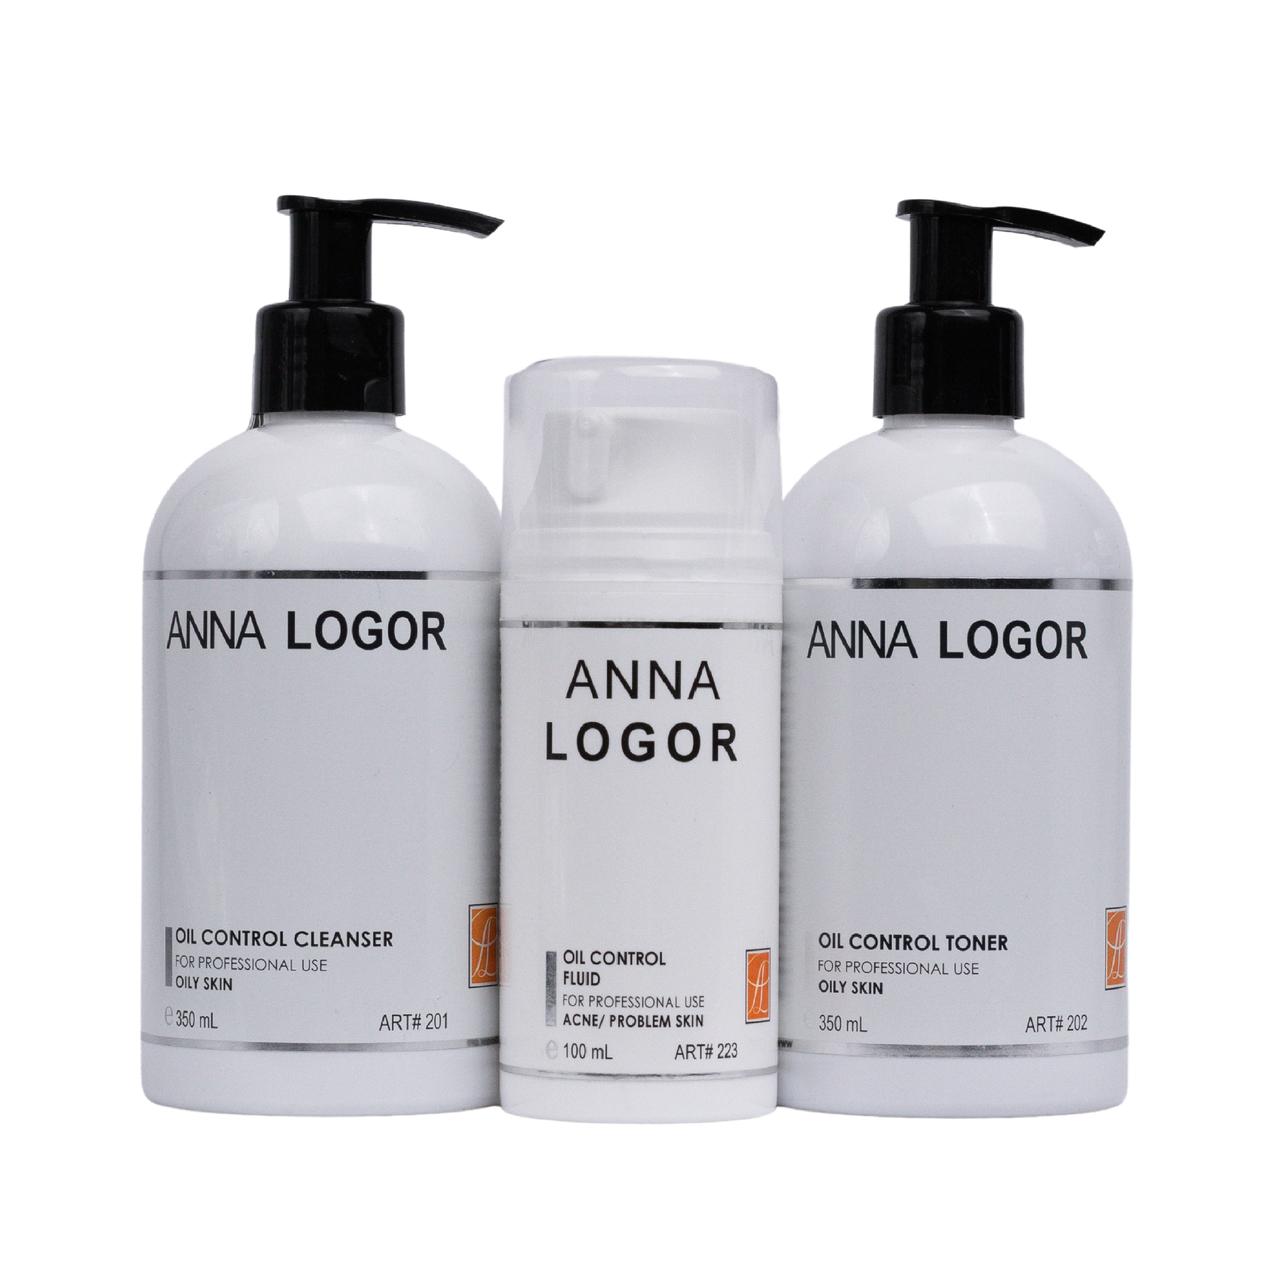 Набір косметики Anna LOGOR Oil Control + Fluid. Серія для жирної шкіри обличчя